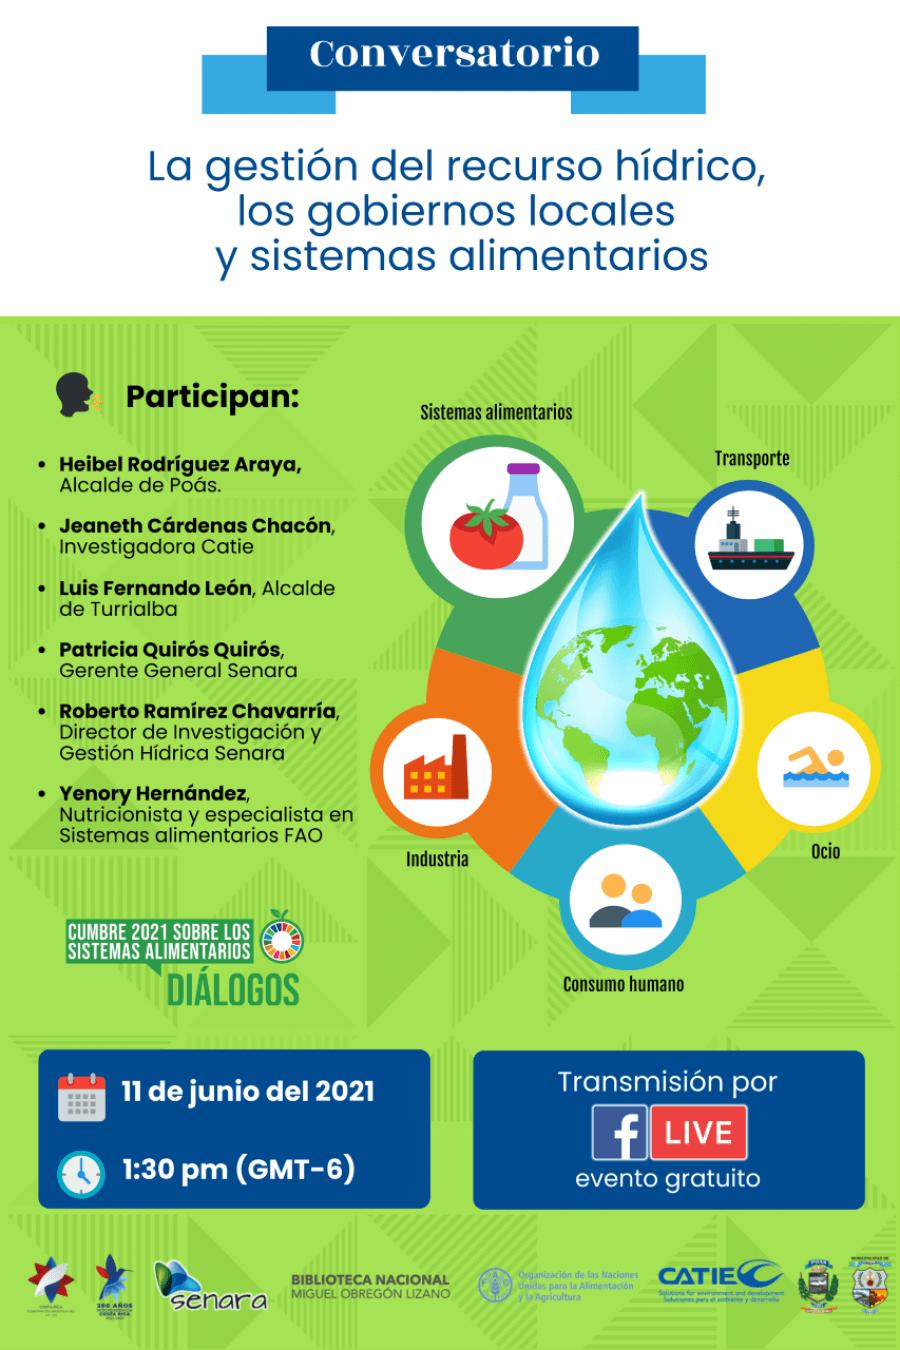 Conversatorio. La gestión del recurso hídrico, los gobiernos locales y sistemas alimentarios